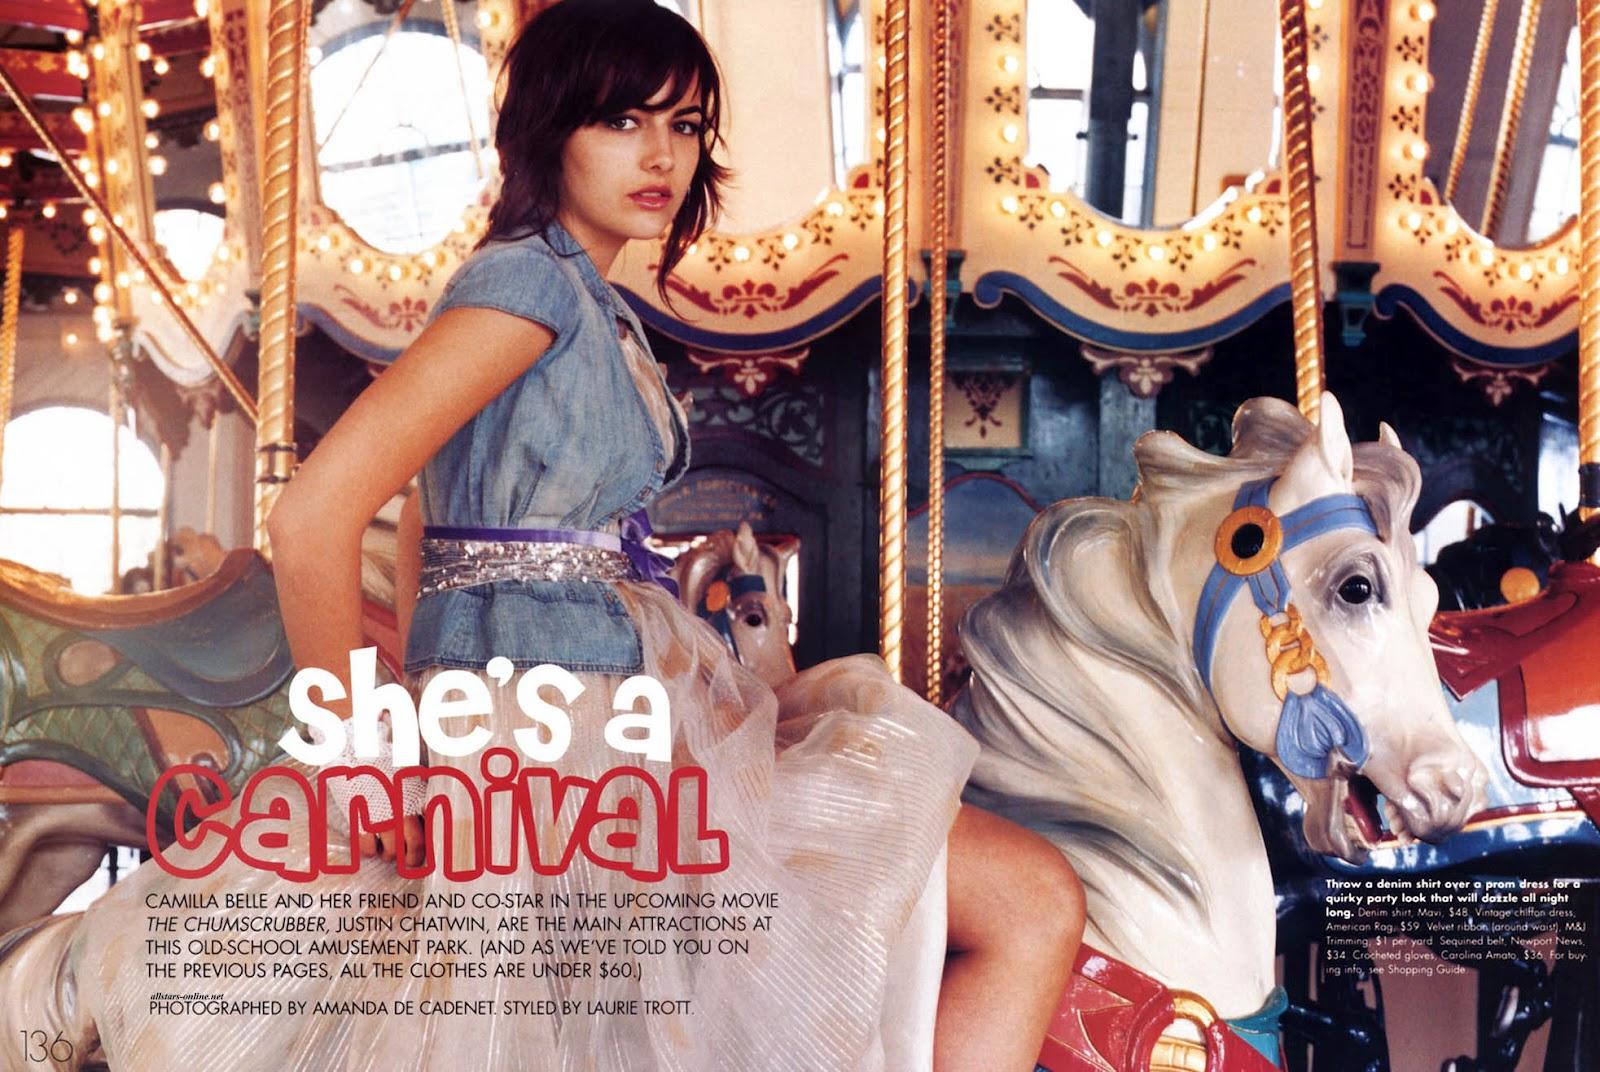 http://3.bp.blogspot.com/-w-Zhy-R7N_k/T9mpTNR50iI/AAAAAAAAJWM/jADmOvZAcnw/s1600/Camilla+Belle+-+She\'s+A+Carnival+-+Elle+Girl+Magazine+August+2005+(1).jpg